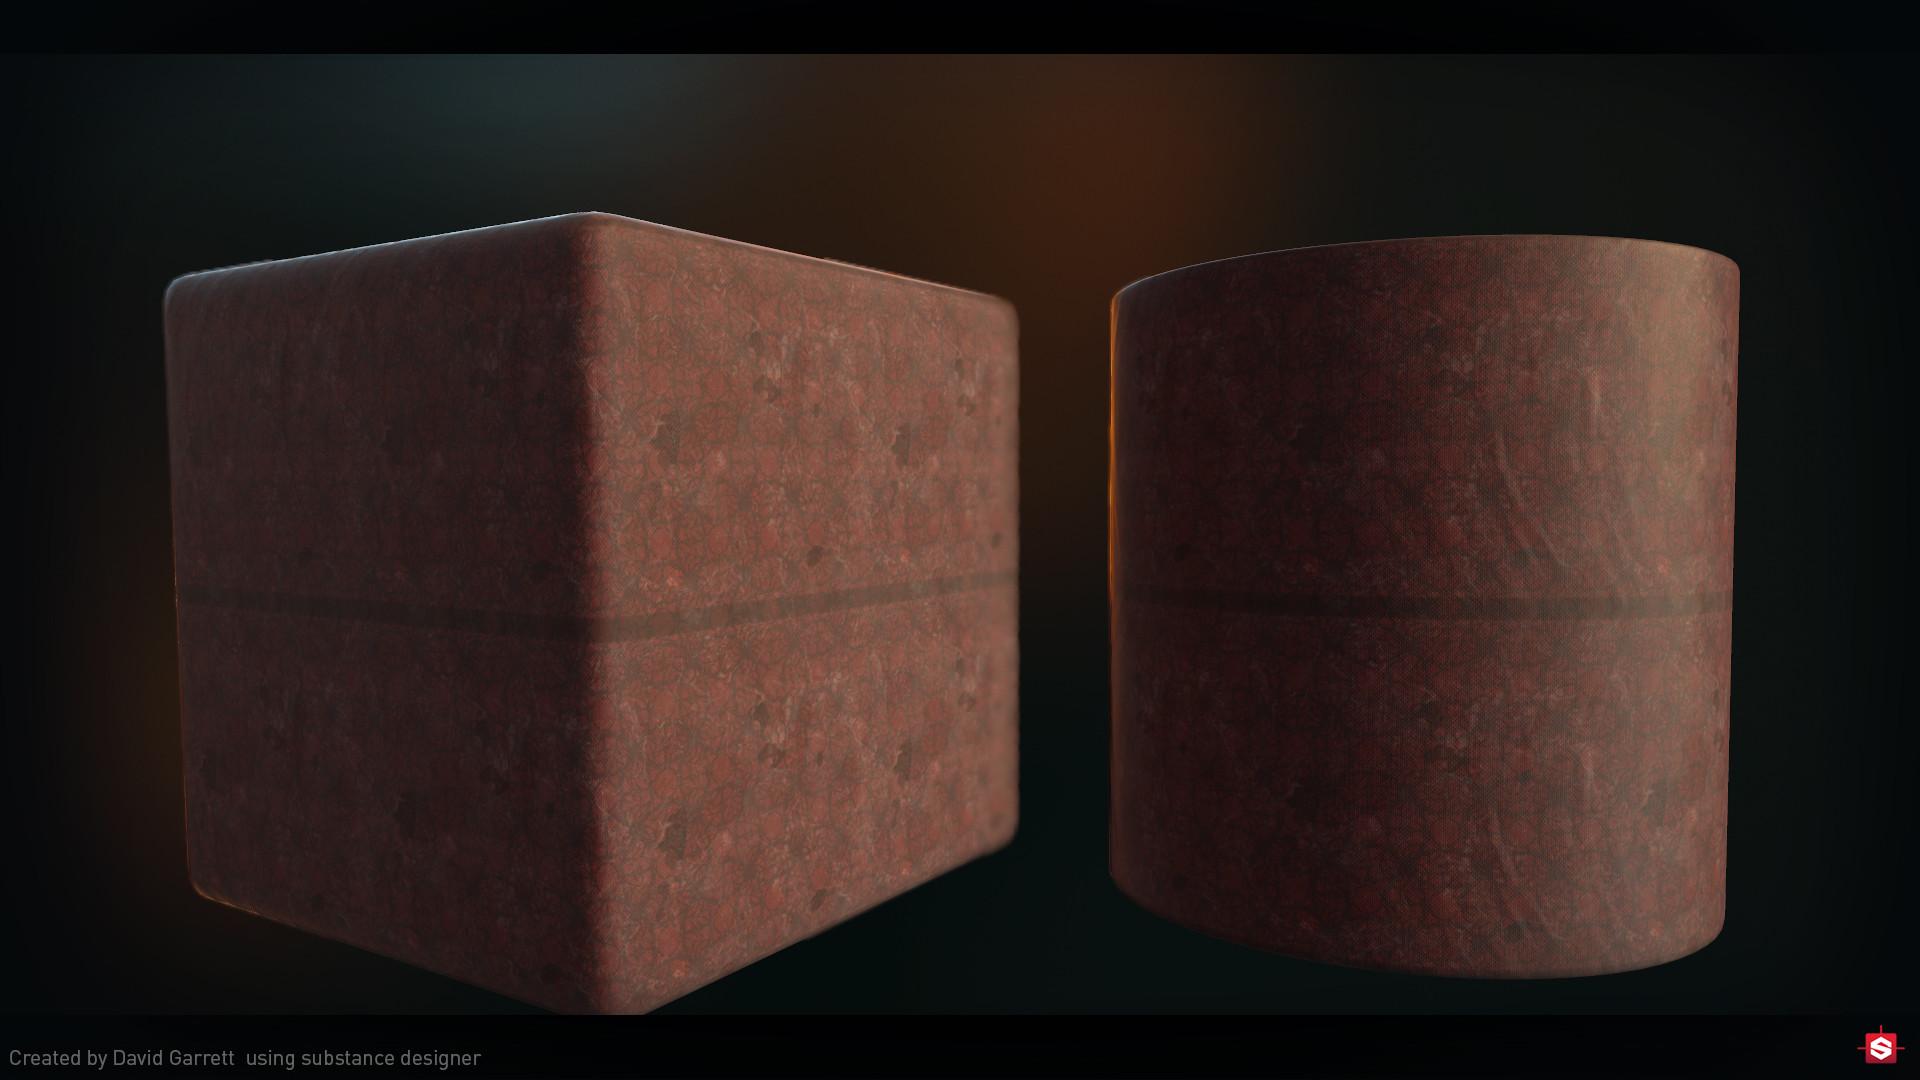 David garrett n3094311 asset shot material carpet